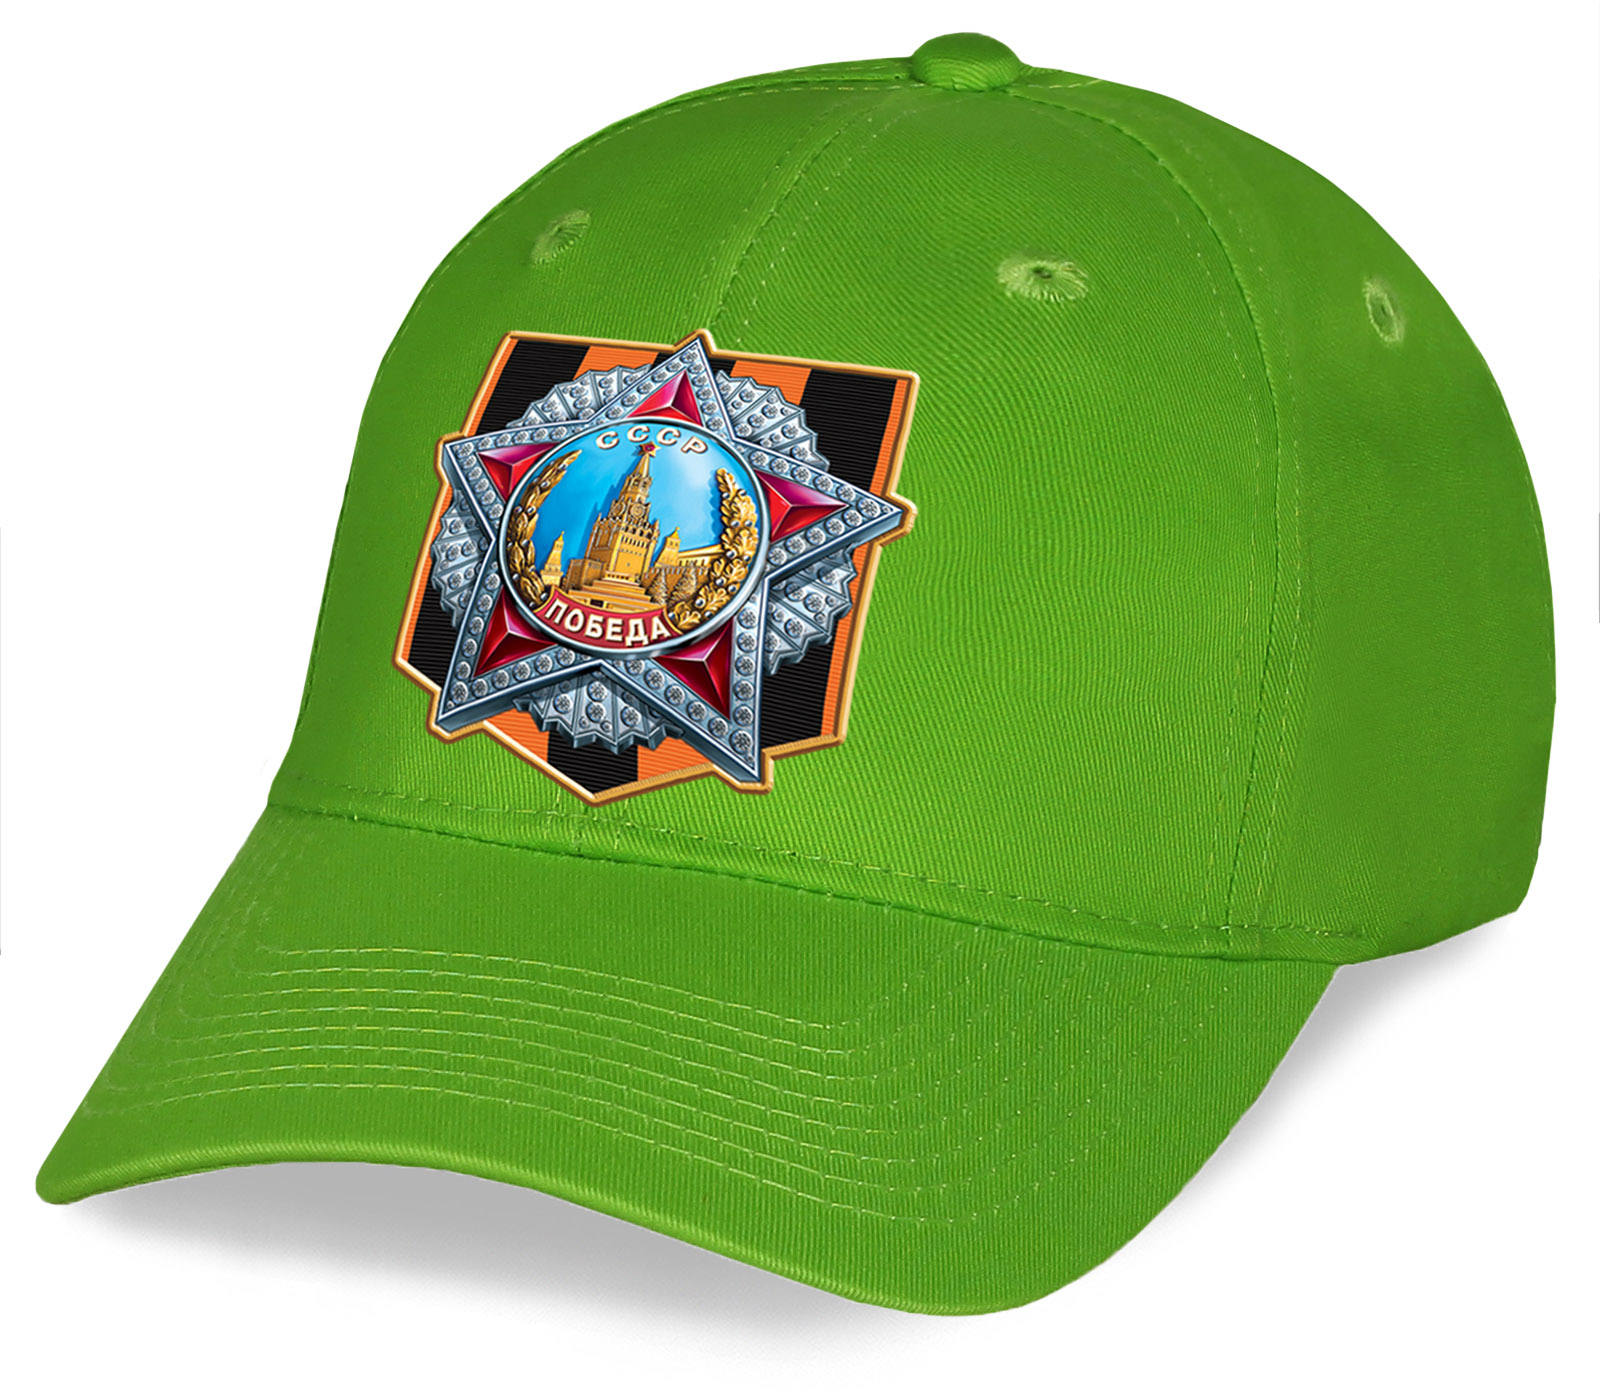 Хотите удивить друзей и близких на Параде 9 Мая? Купите патриотическую хлопковую кепку с эффектным принтом Орден Победы. Заказывайте, пока не разобрали!